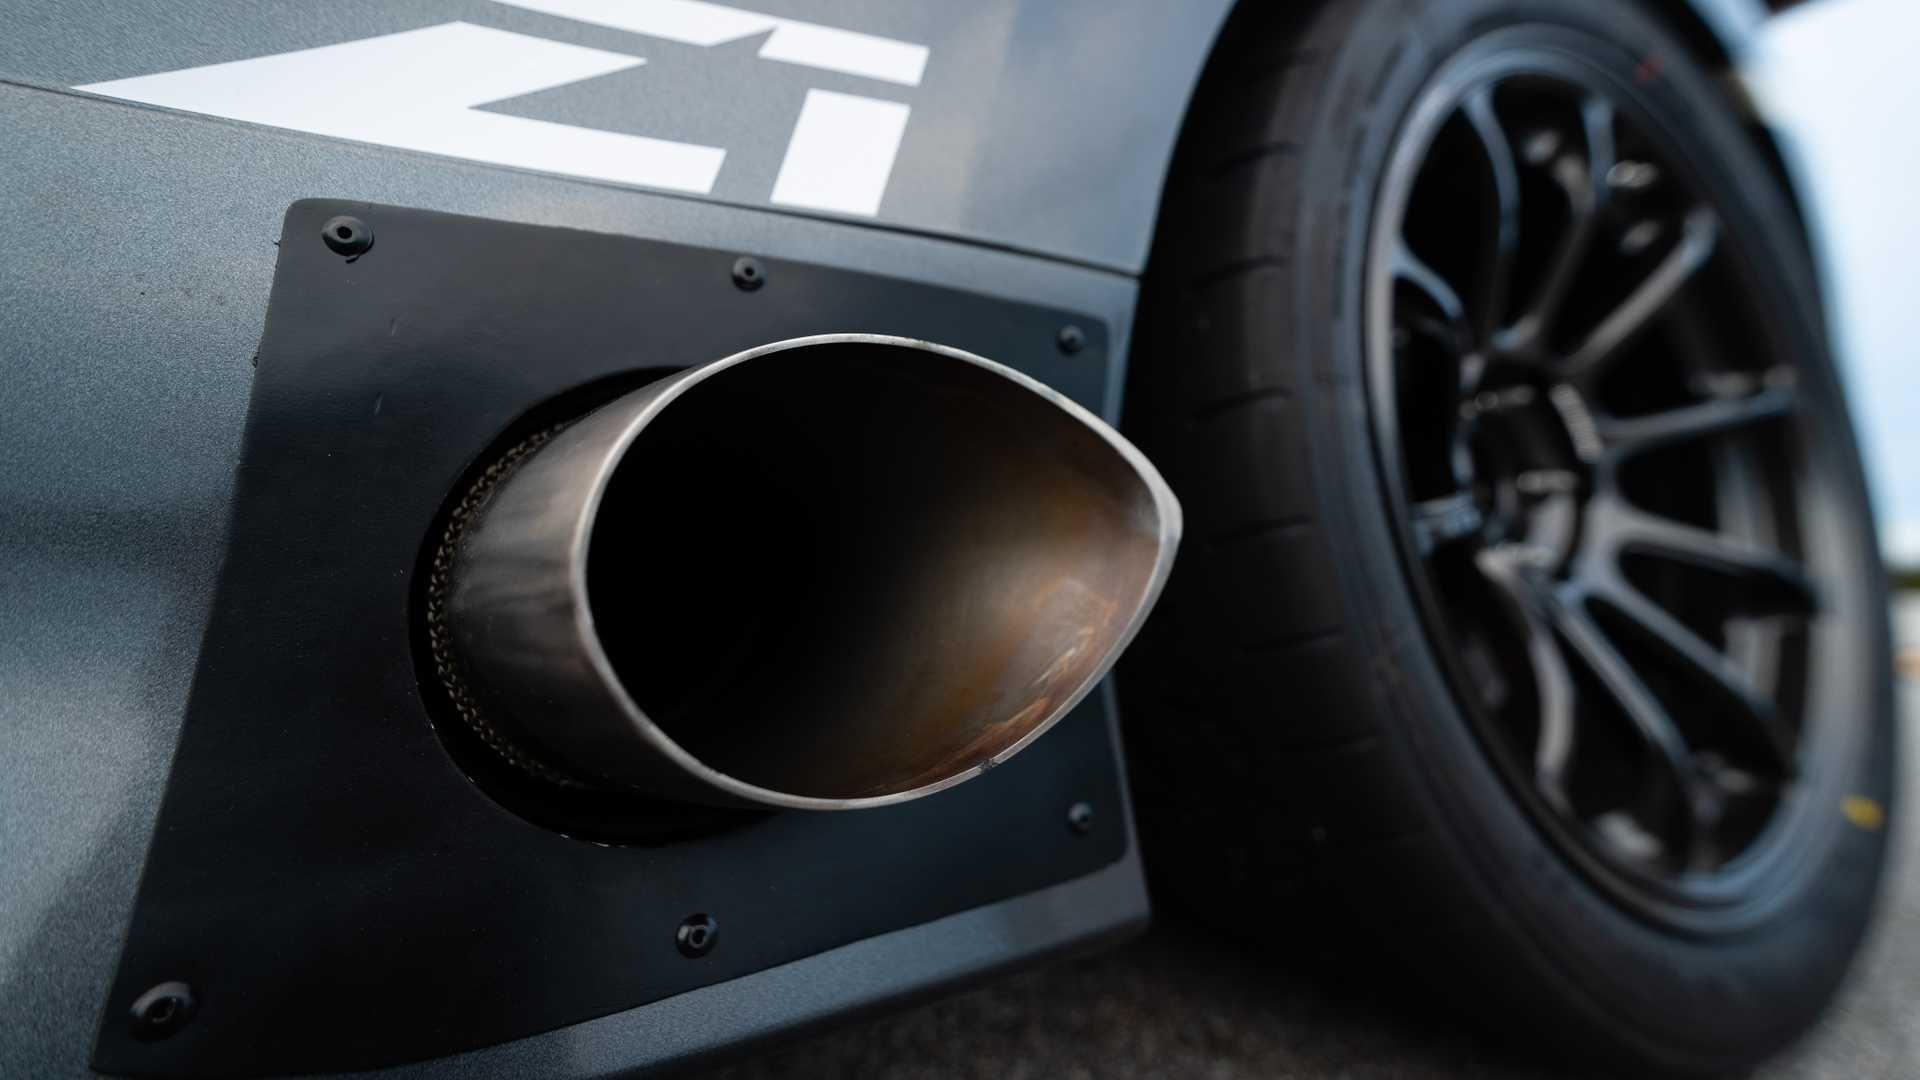 nissan-370z-by-z1-motorsports-une-bete-de-course-1147-4.jpg